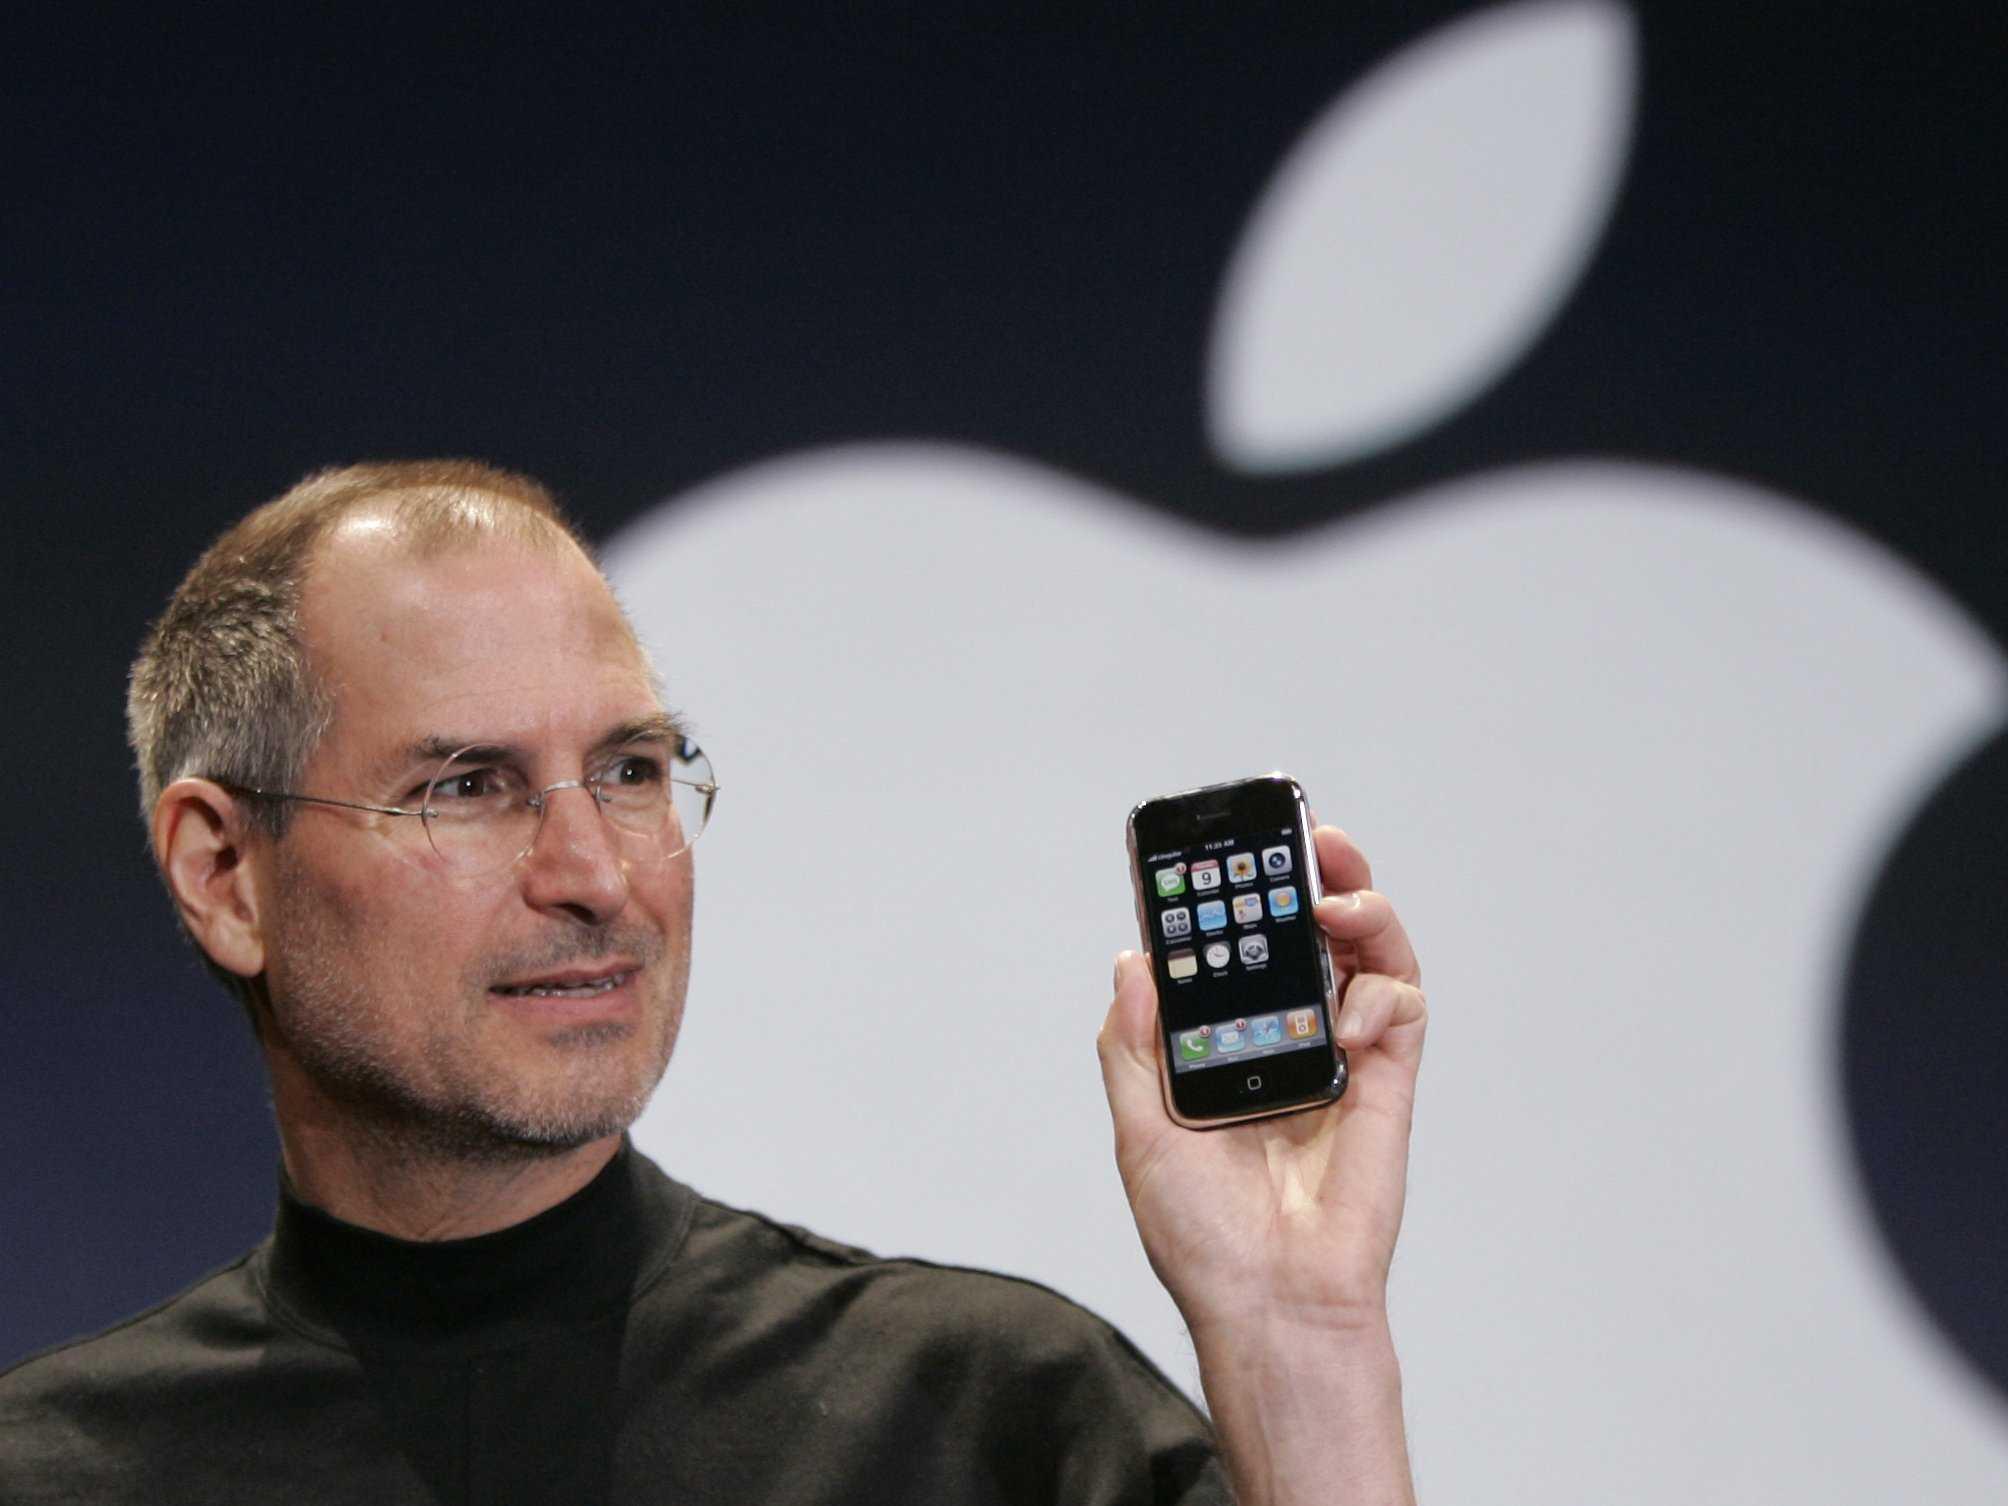 Почему Apple никогда неплатит зарекламу iPhone вкино: 10фактов олучшем смартфоне вмире